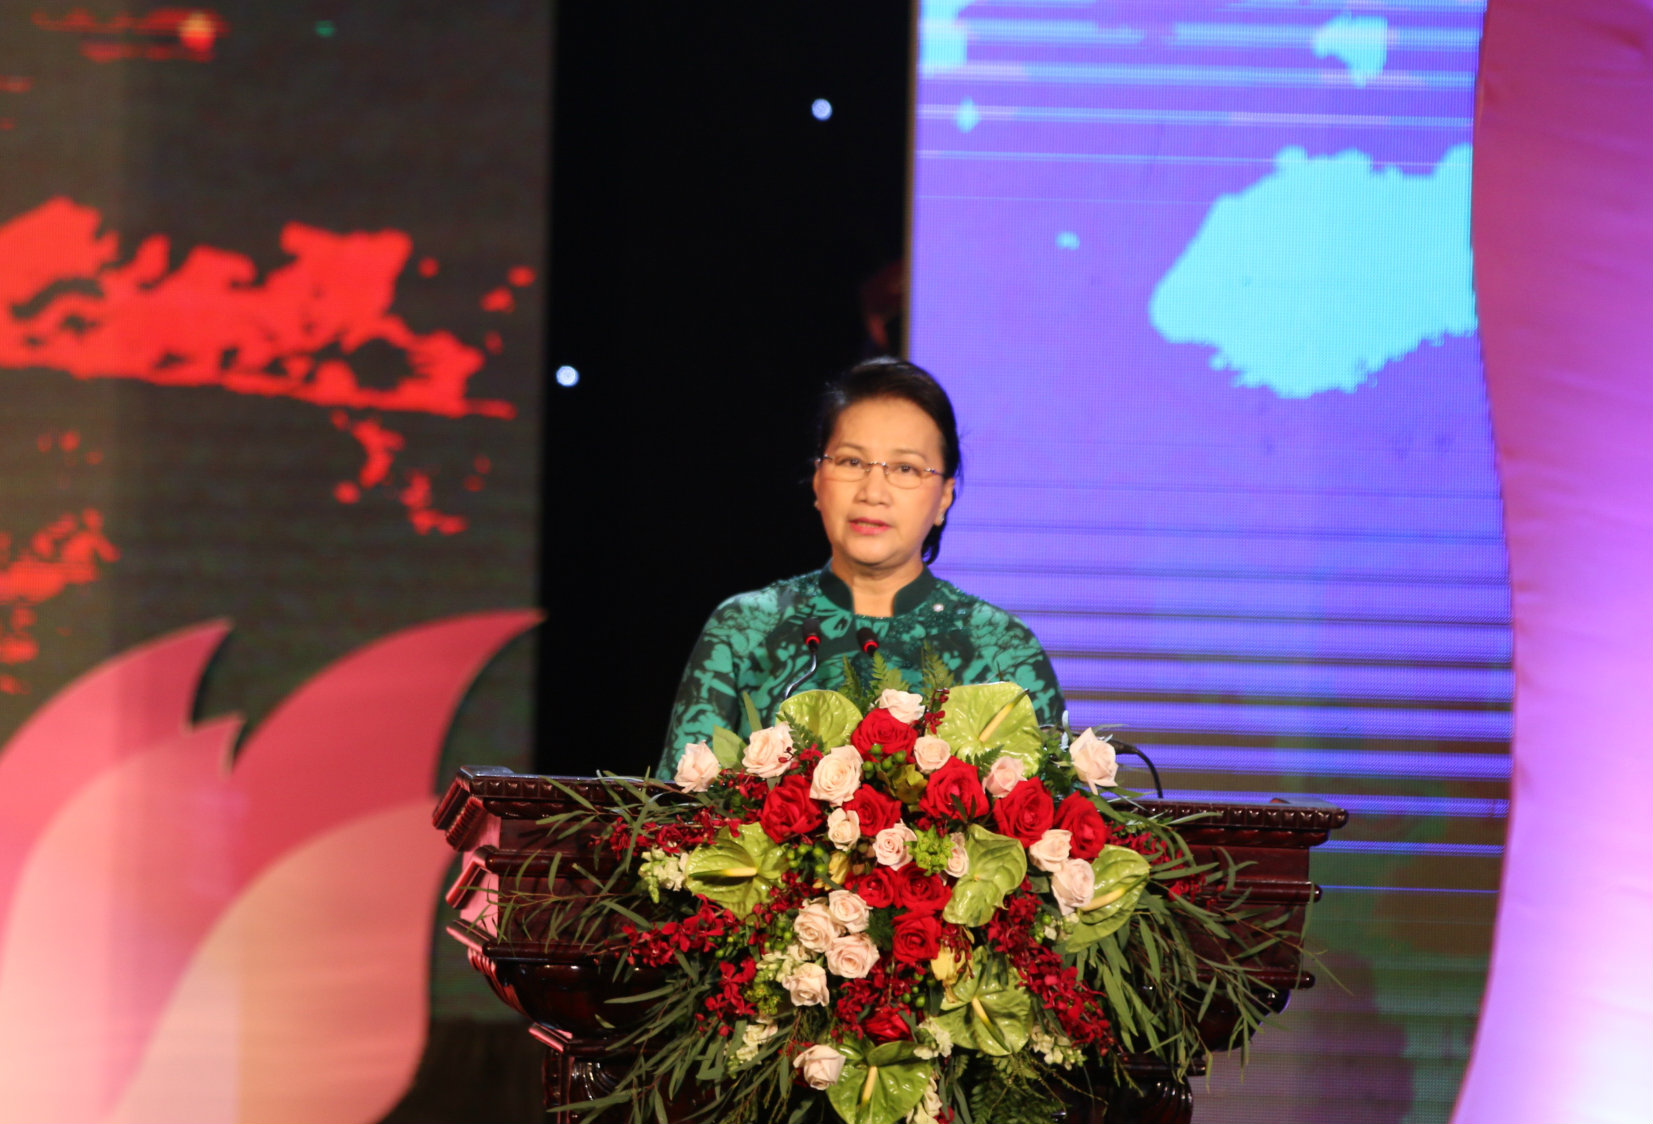 Đồng chí Nguyễn Thị Kim Ngân phát biểu tại chương trình quotBiên cương thắm tình hữu nghịquot